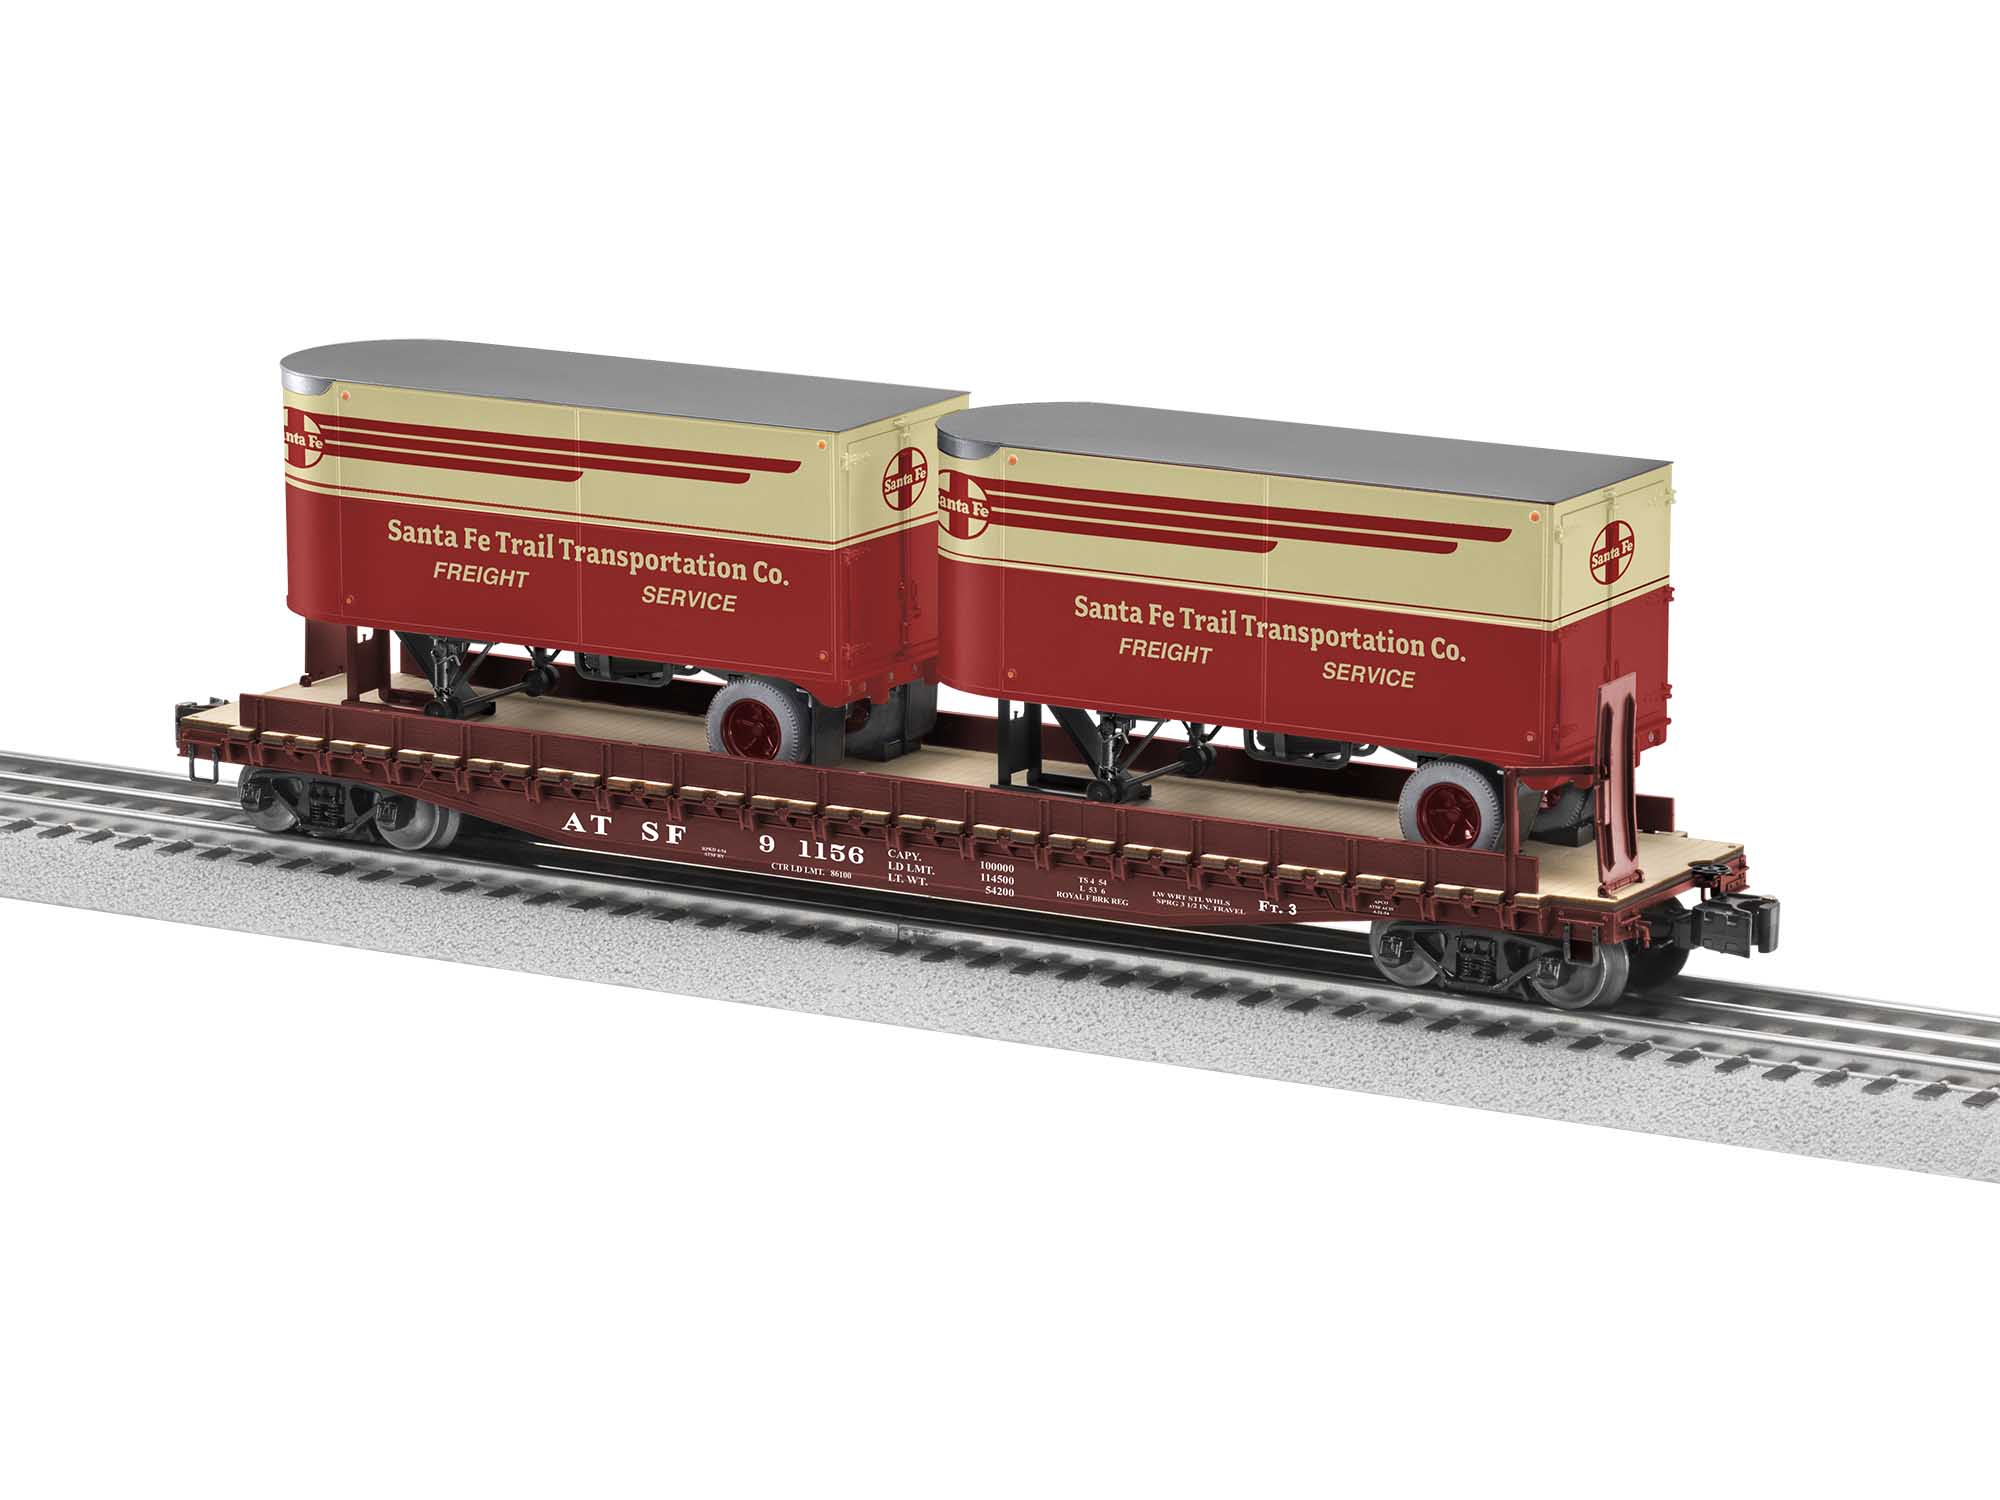 Lionel 2026611 O 50FT Flatcar w/20FT Trailer Santa Fe SF #91156